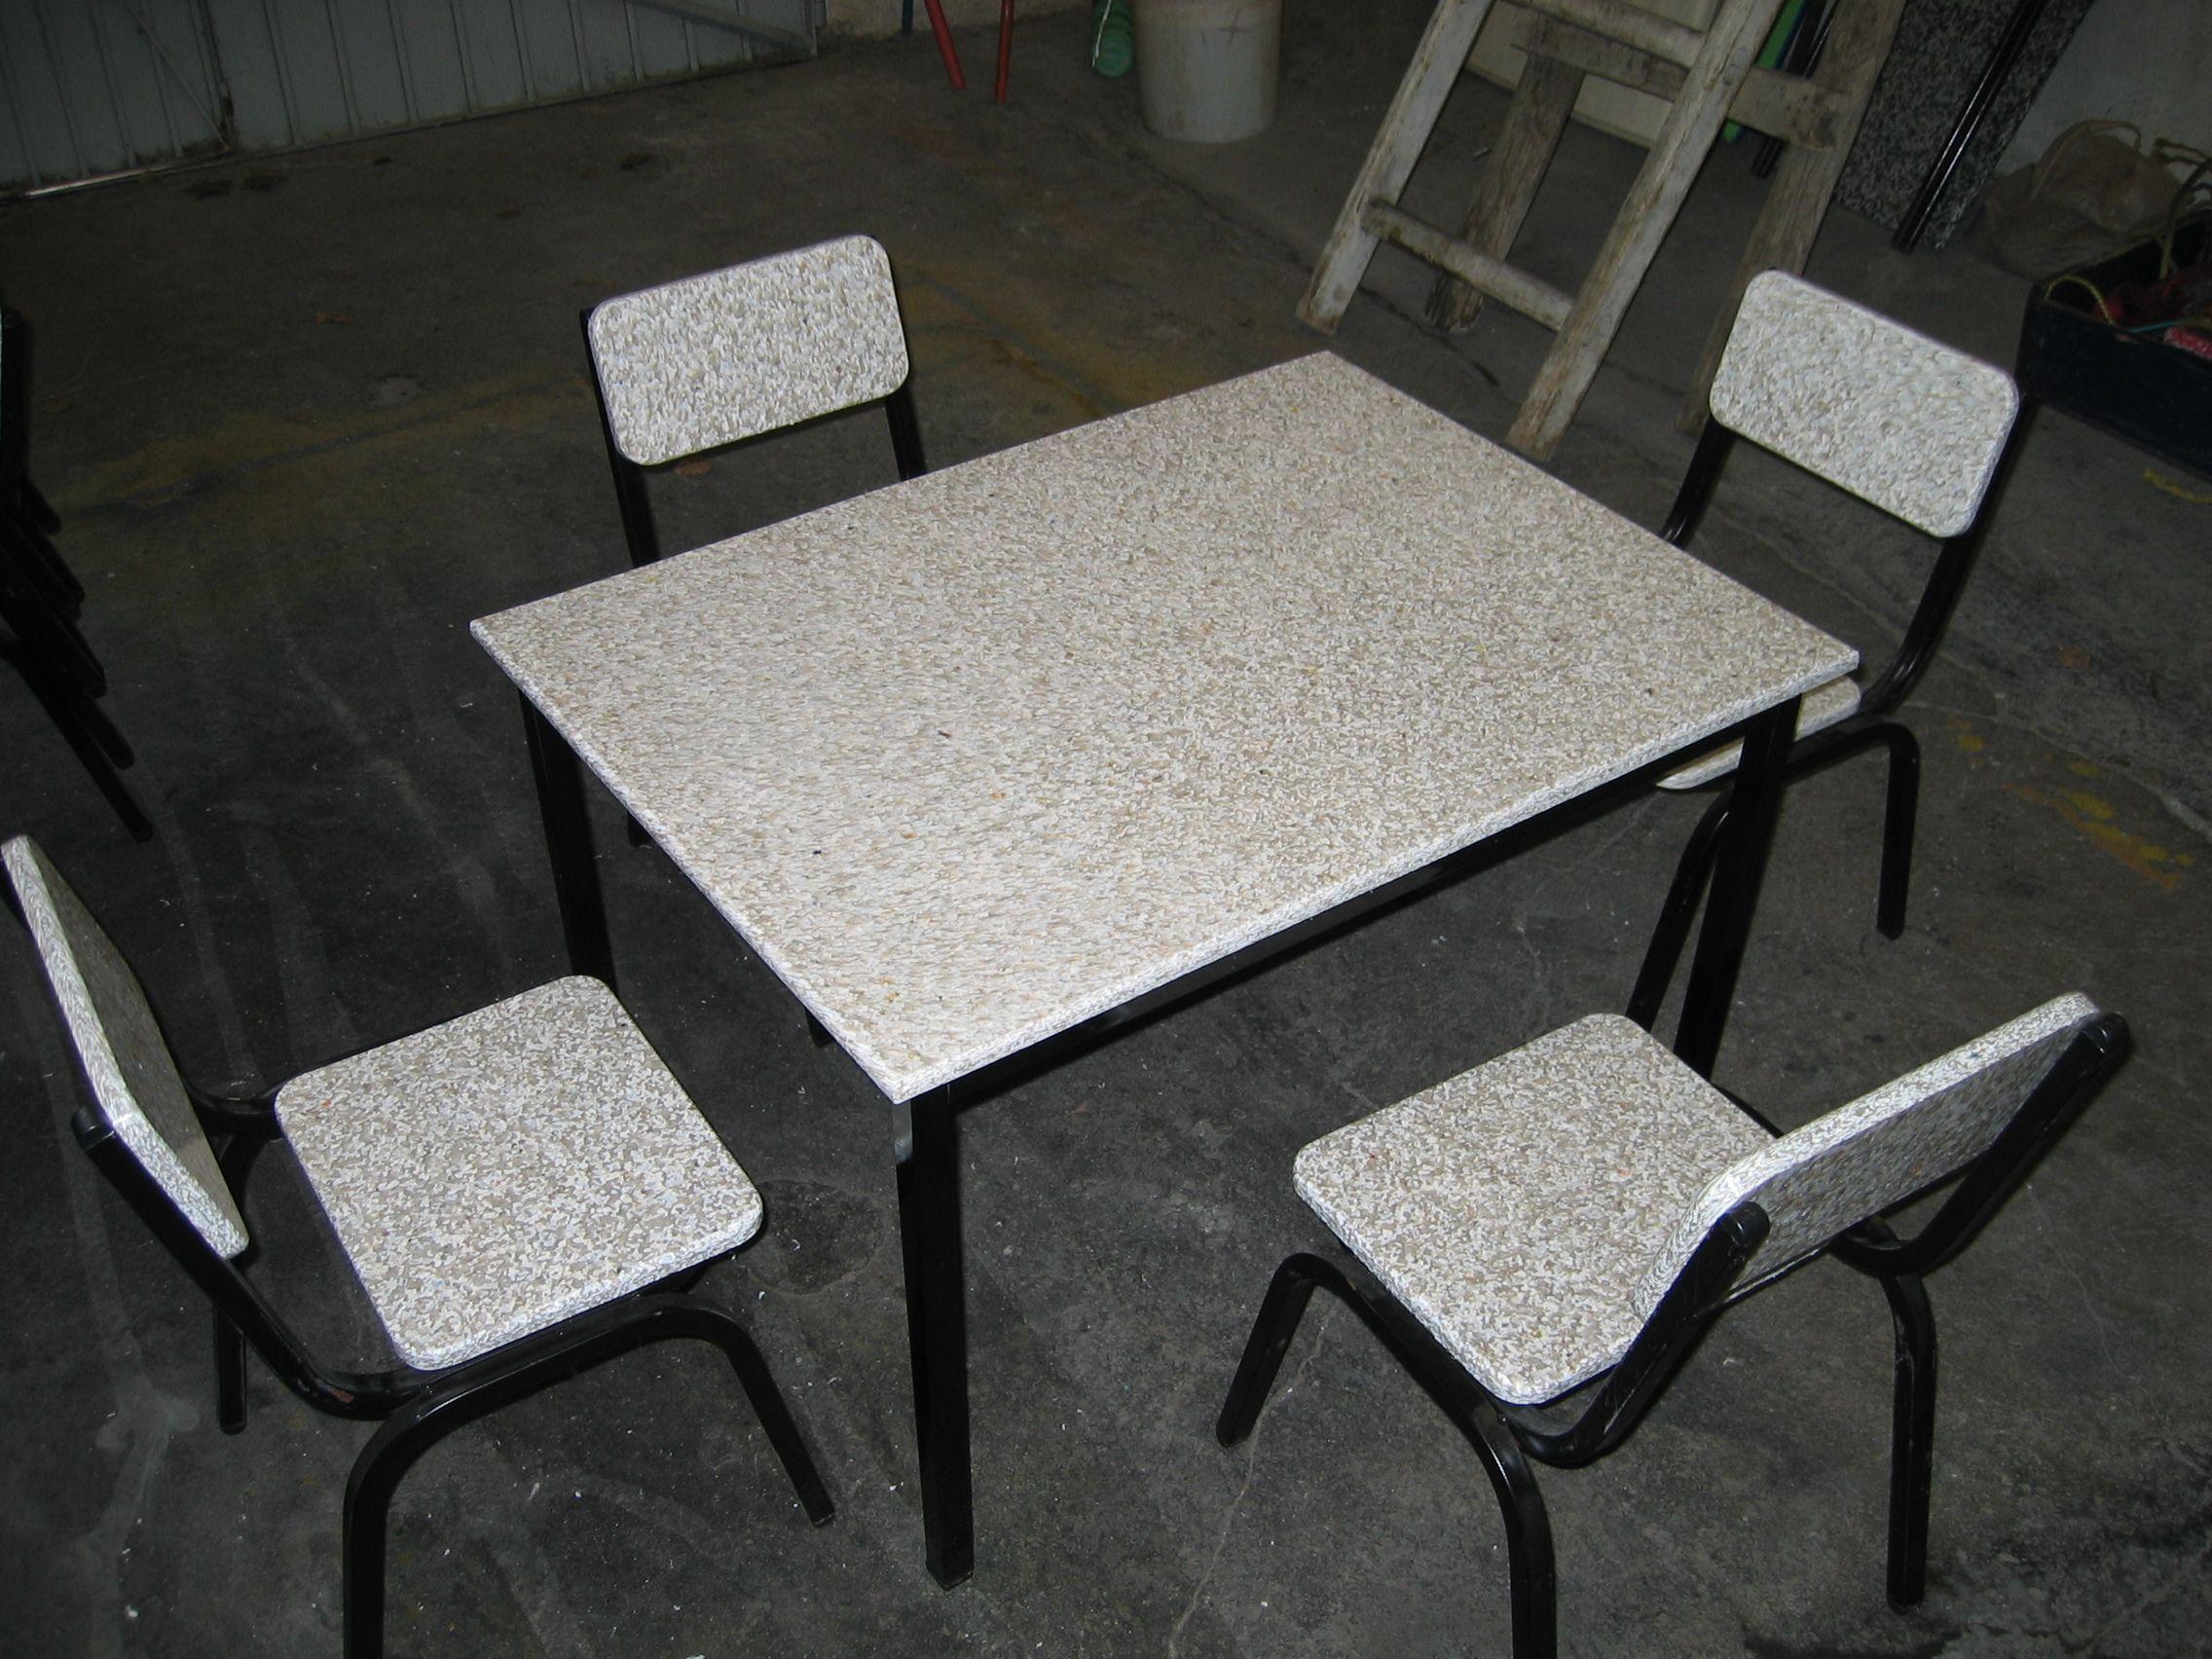 mobiliario fabricado con tablas de plastico reciclado | muebles de ...